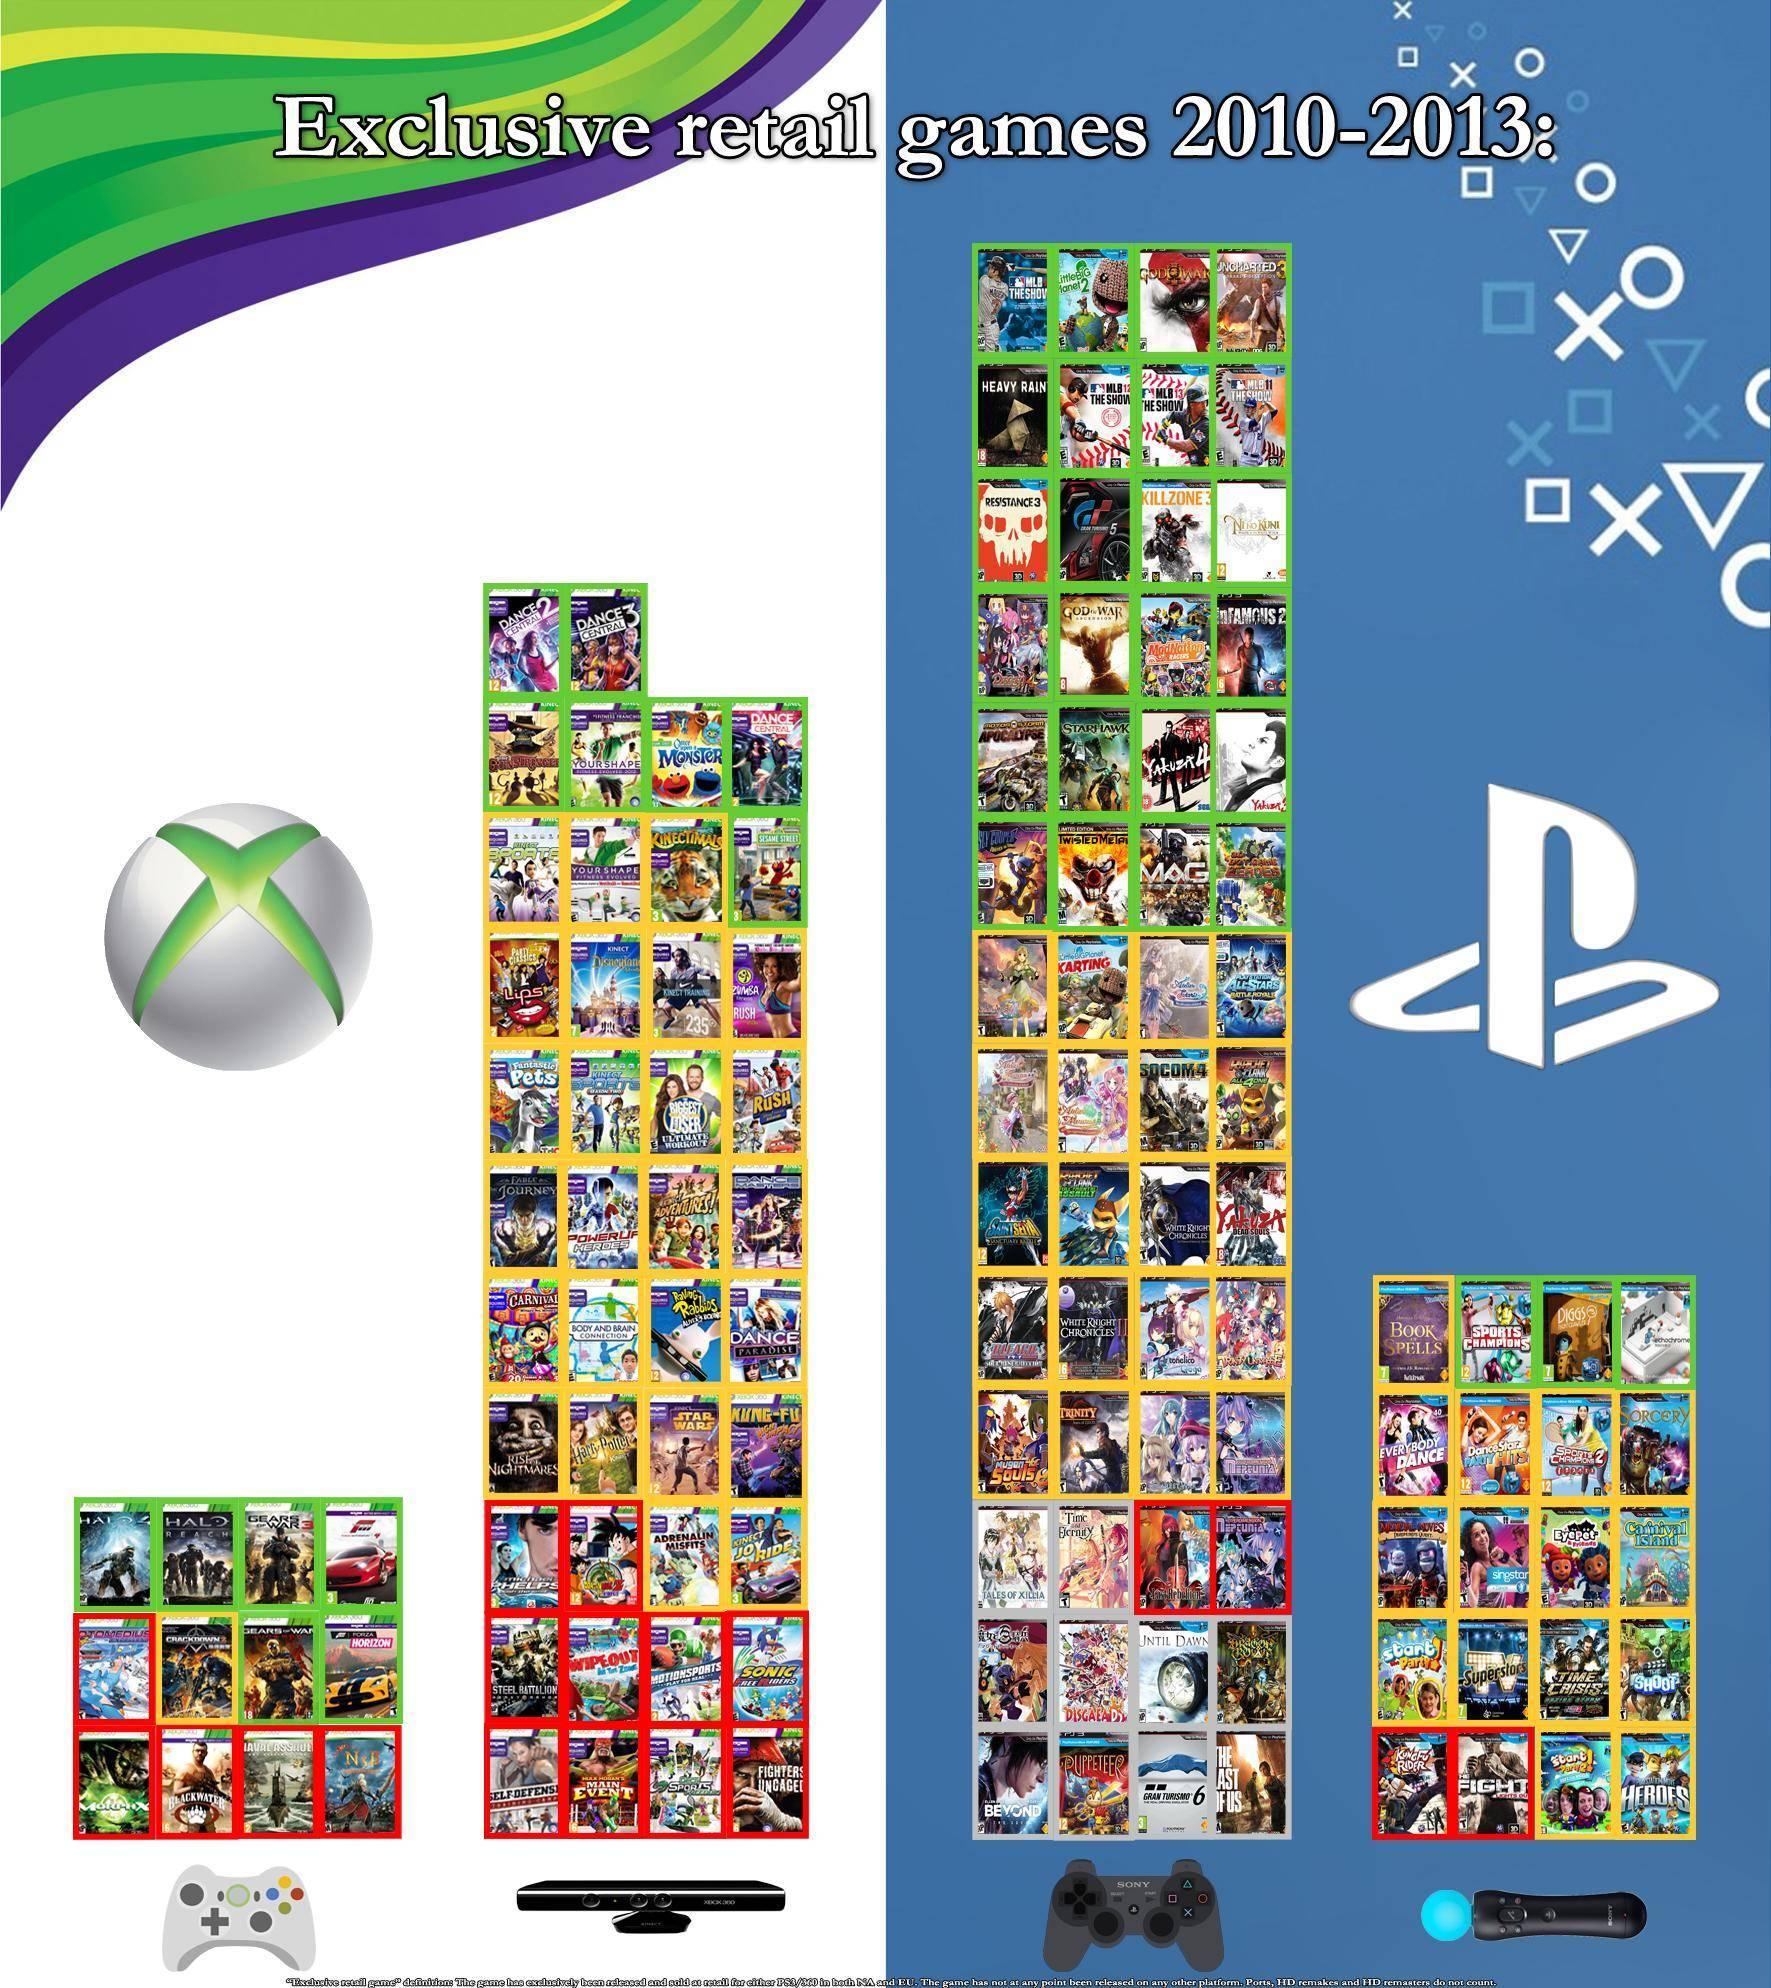 Список эксклюзивов PS3 и XBOX 360 одной картинкой (Открывать в новой вкладке для просмотра полноразмерного изображения) - Изображение 1